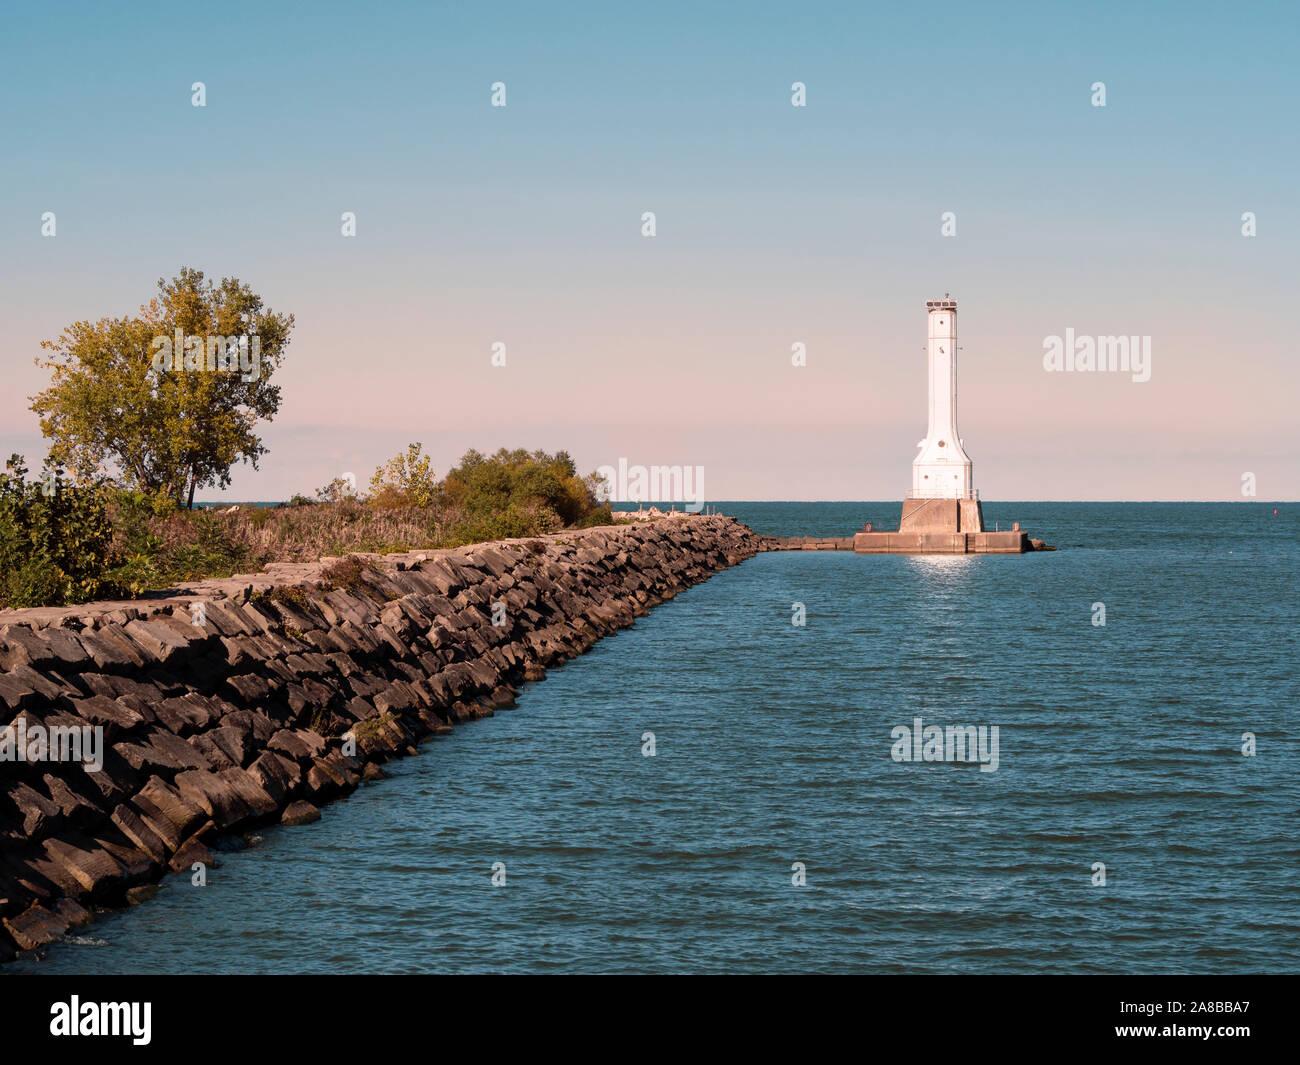 Huron Harbor Lighthouse en el Lago Erie, azul horas antes de la puesta del sol, construido en 1939, la energía solar powered linterna giratoria 1972 añadido todavía activo Foto de stock